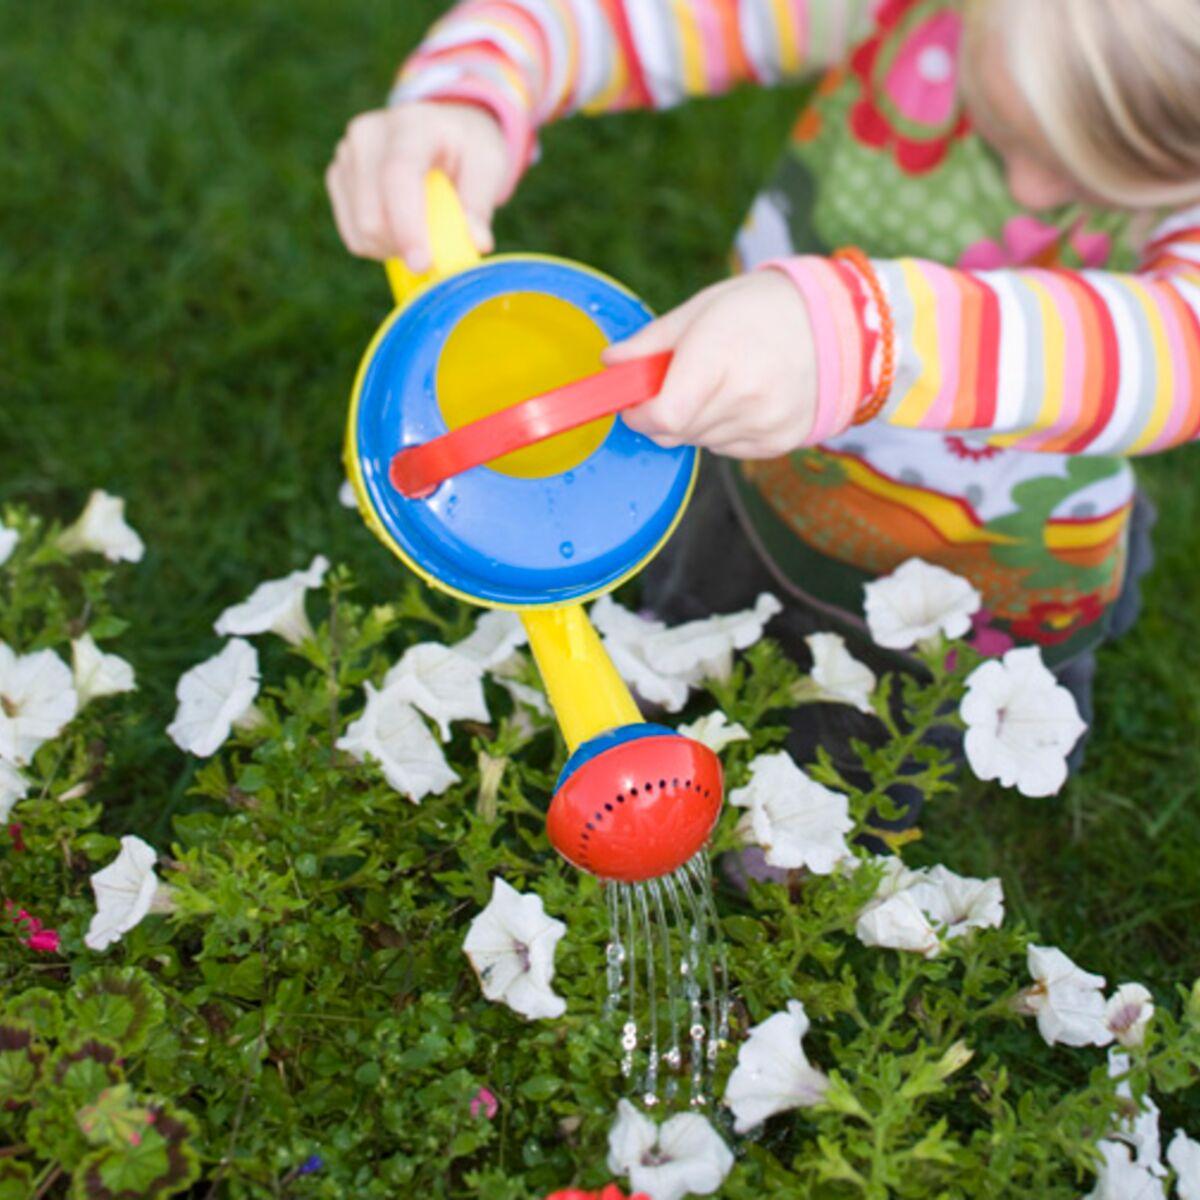 Comment Arroser Jardin Pendant Vacances arroser son jardin en cas d'absence : nos conseils - coupez